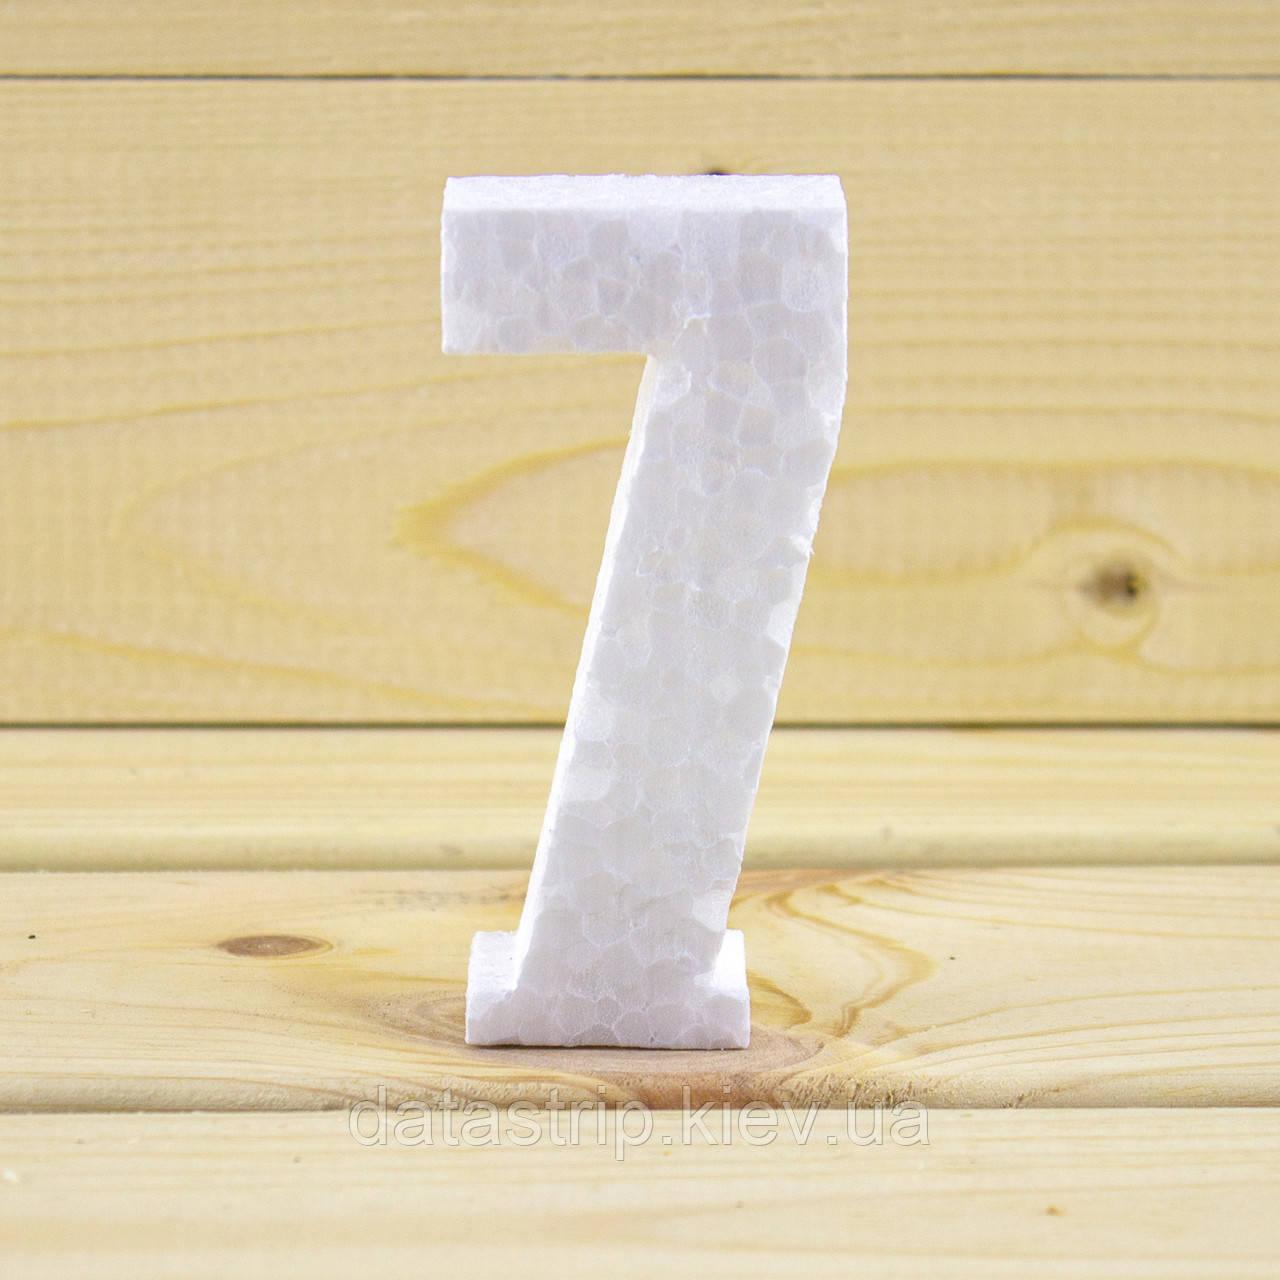 Цифра 7 из пенопласта, толщина 10 см.